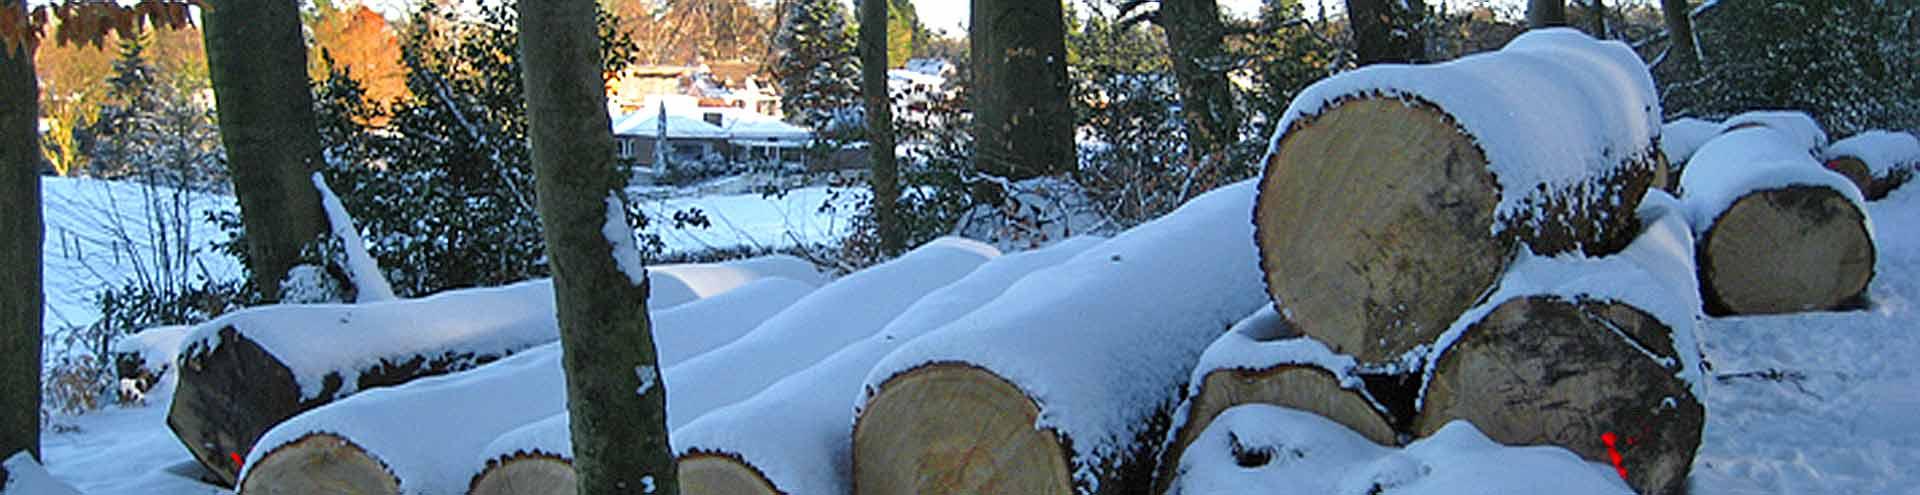 Holzcoop_Slider2_Aachener-Eiche-für-unsere-Werkstatt